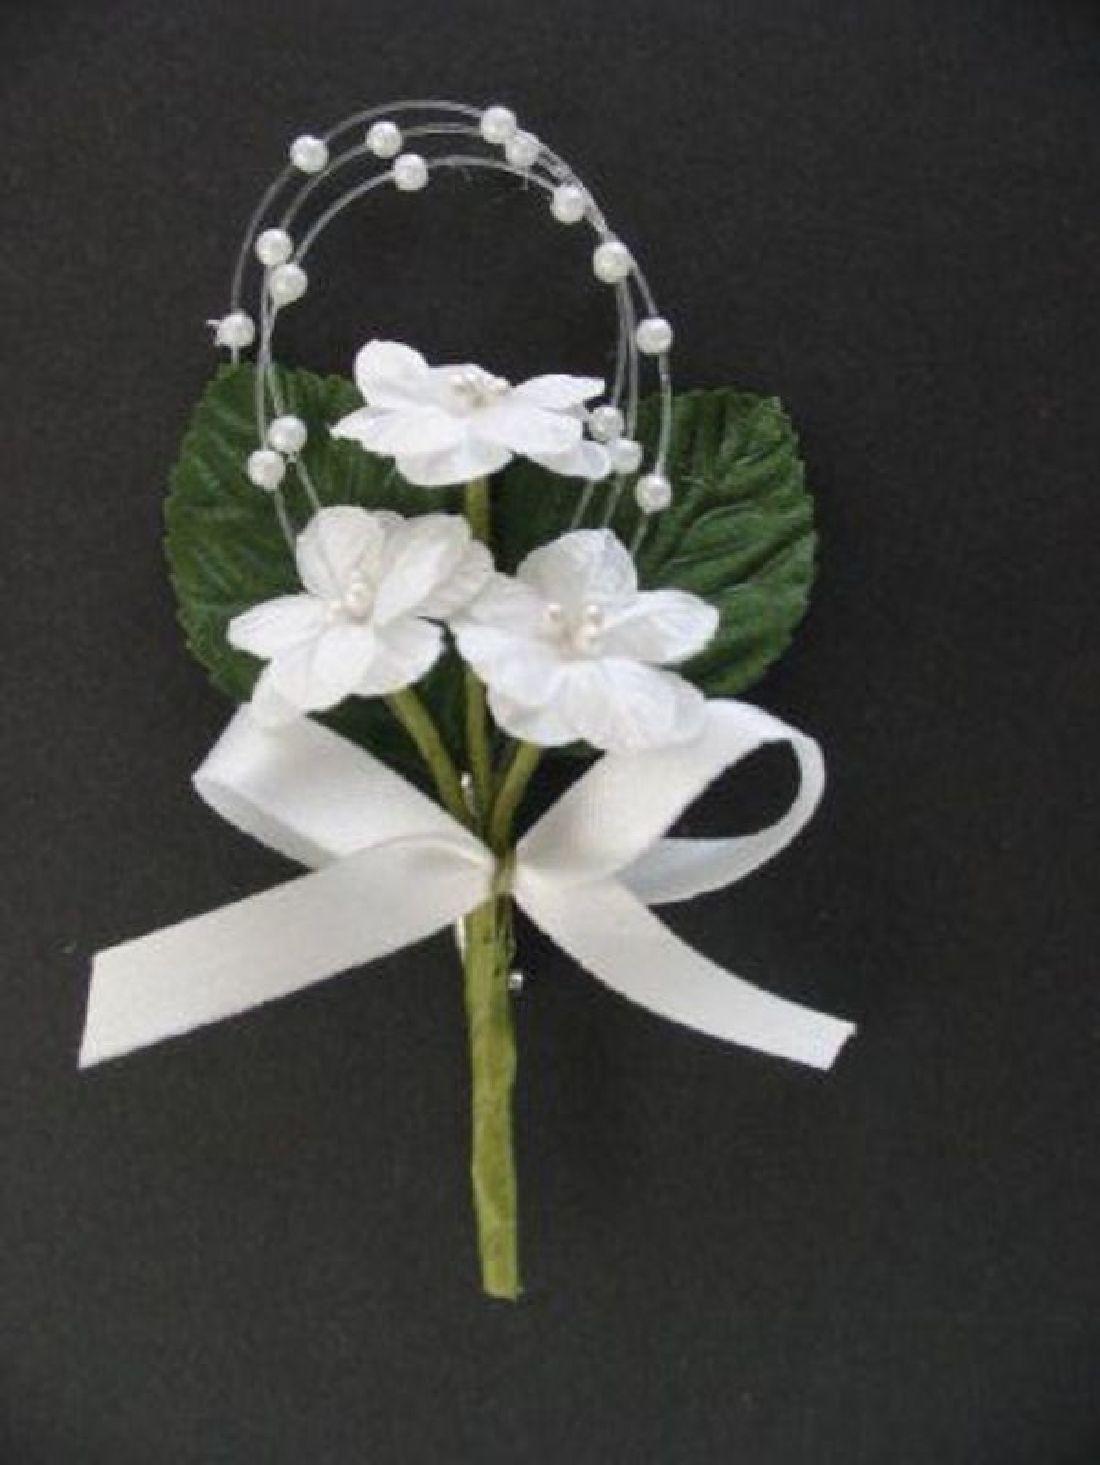 Hochzeitsanstecker Rosette WEISS 13602 Länge ca. 8,5cm mit Perlen, Schleife und Nadel